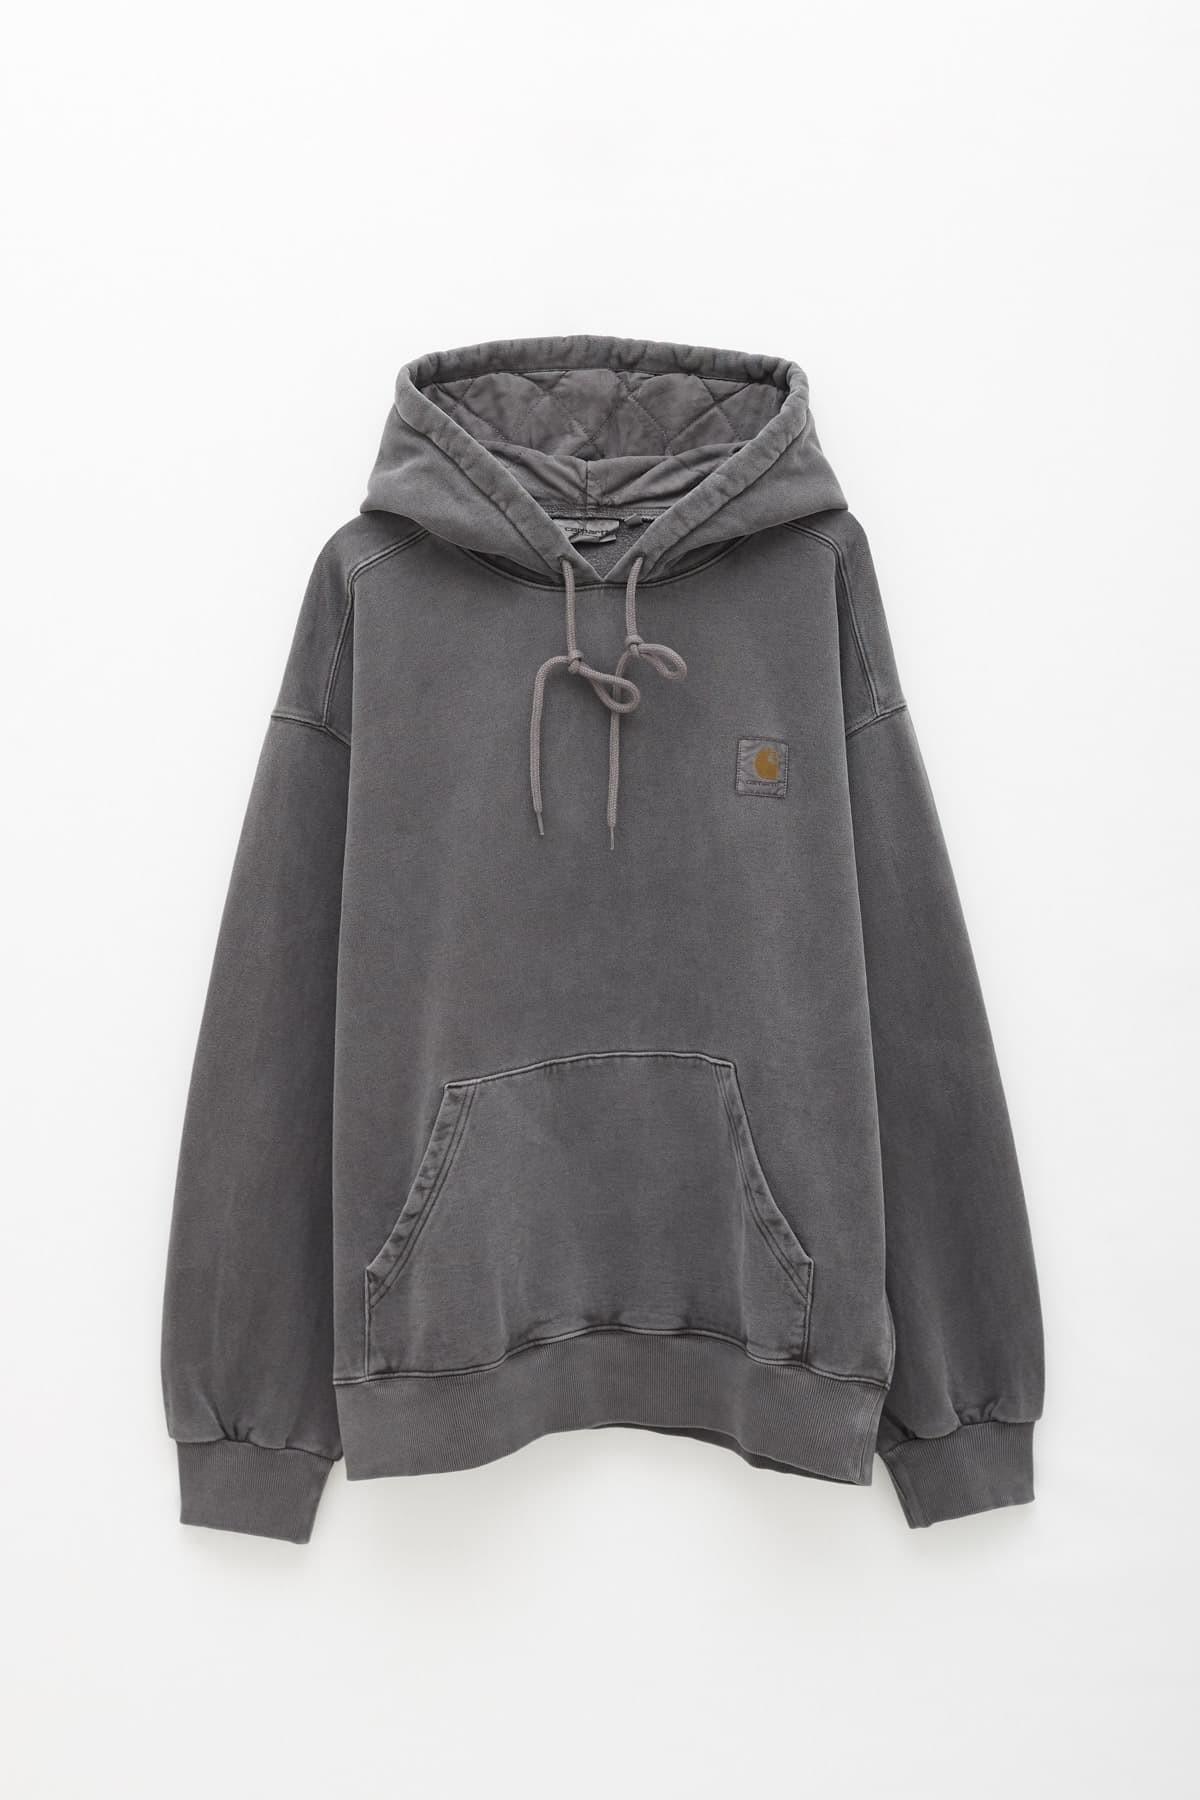 Comprar Comme Des Garcons Grey S28119 T-Shirt